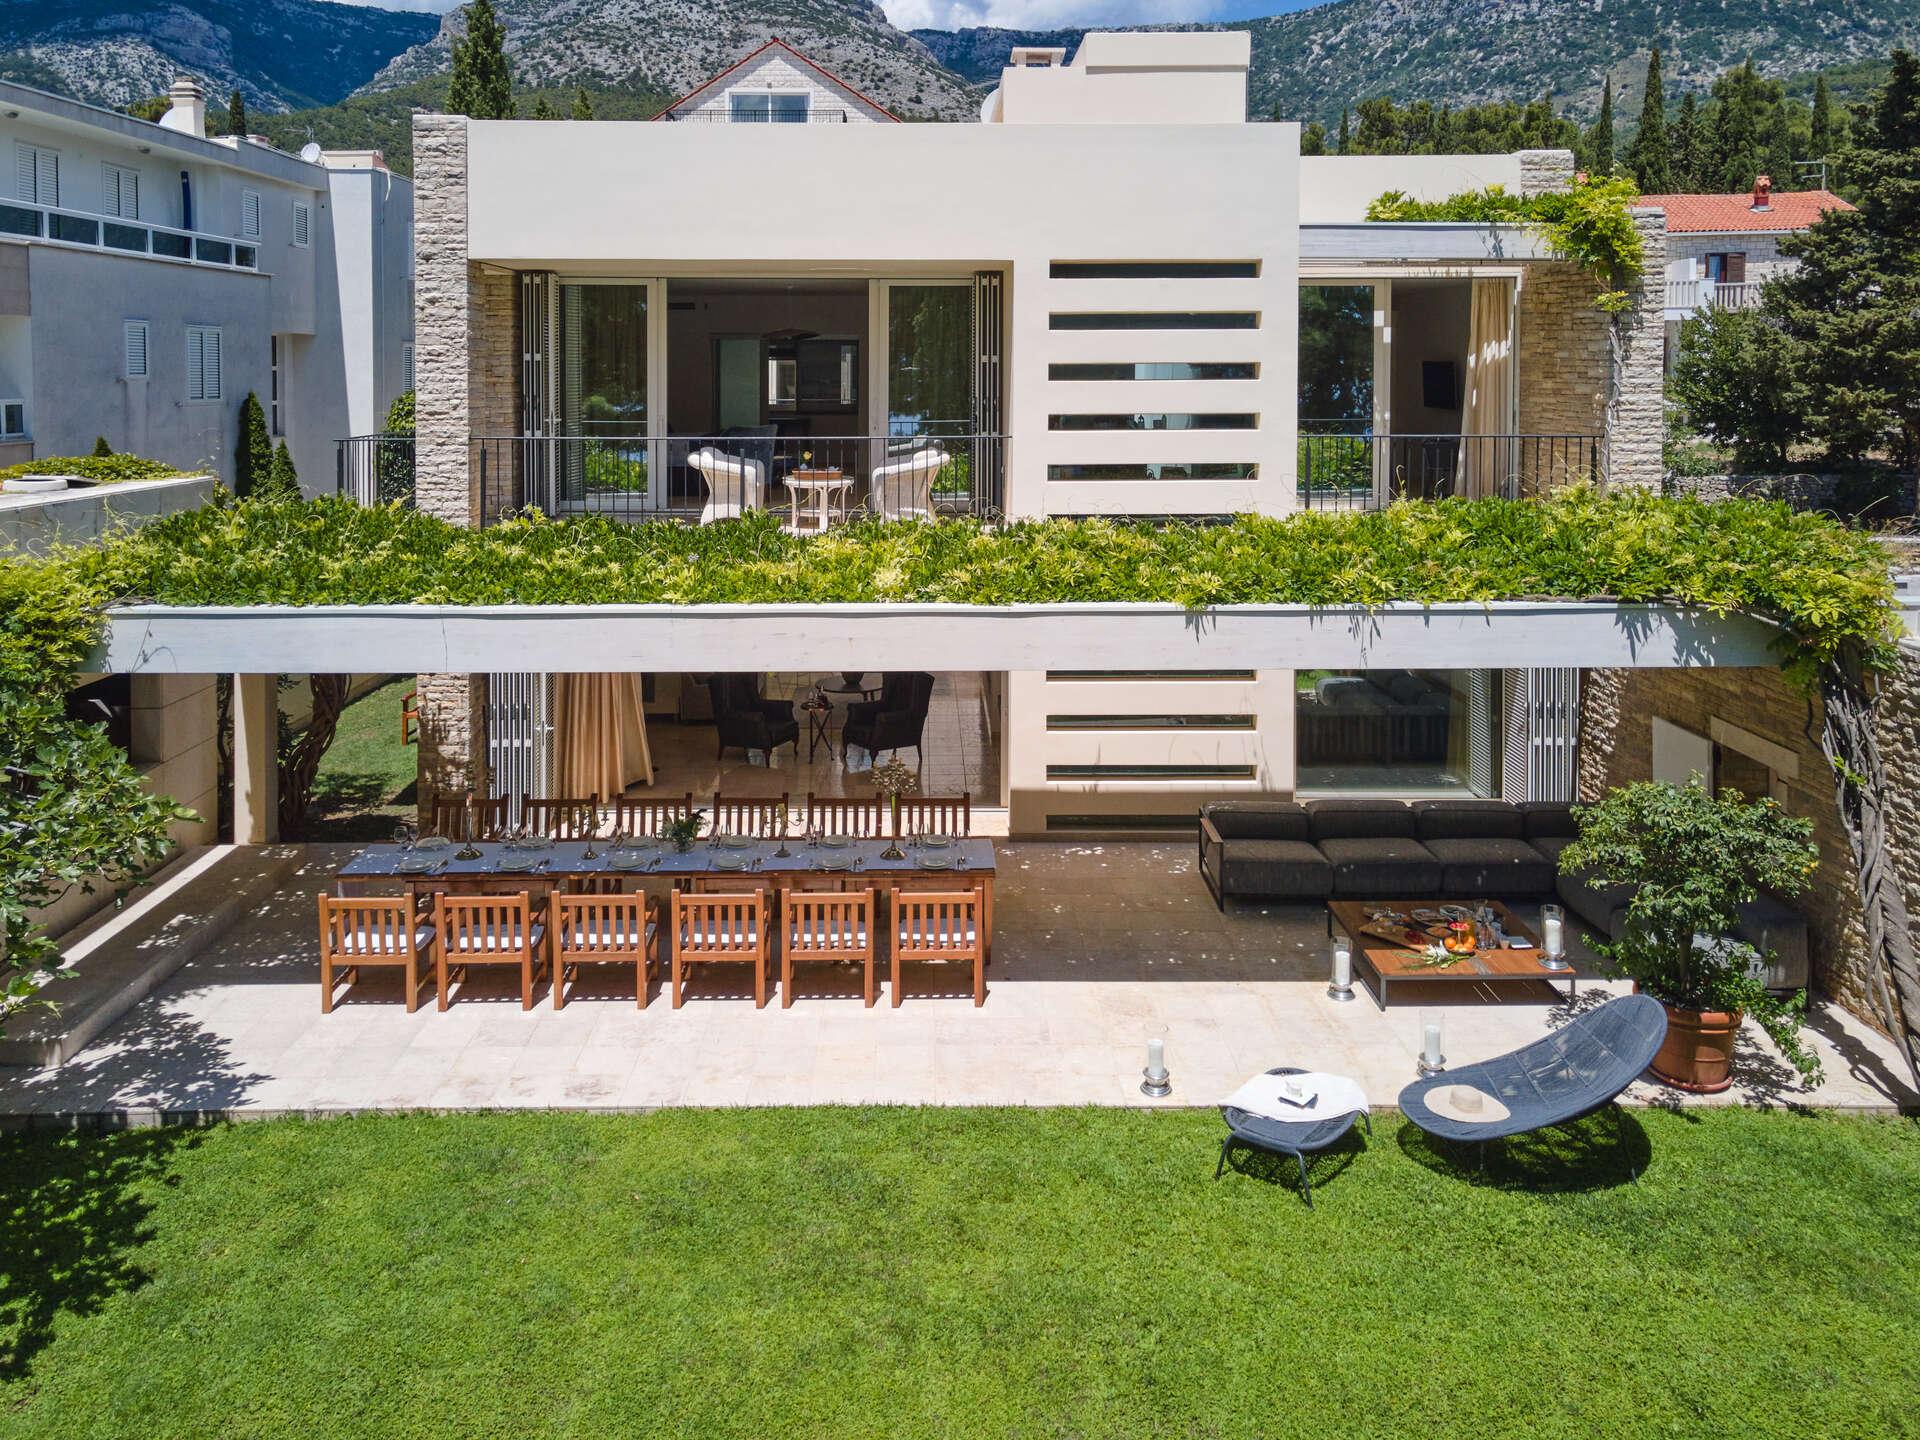 - Villa Bol Exclusive - Image 1/43